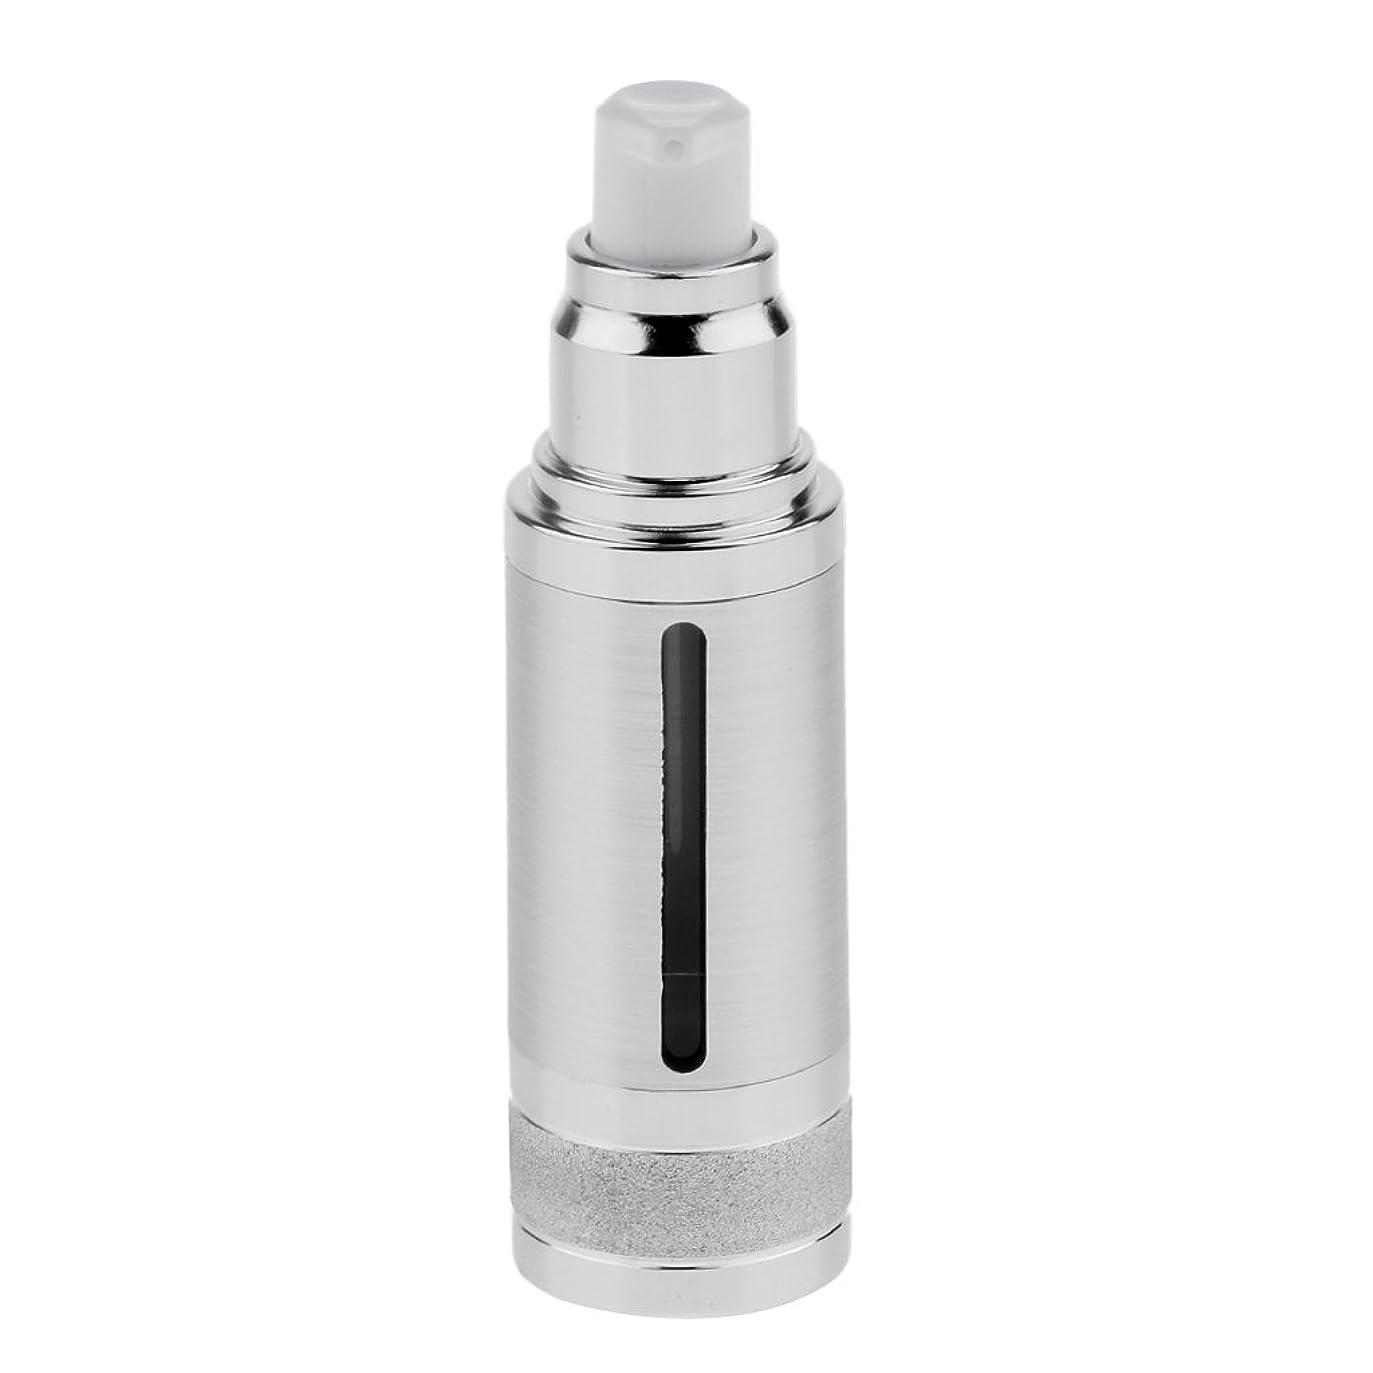 楽しむ信頼性のあるウェブPerfk ポンプボトル 空ボトル エアレスボトル 30ml 化粧品 コスメ 香水 オイル 詰替え 容器 DIY 2色選べる - 銀